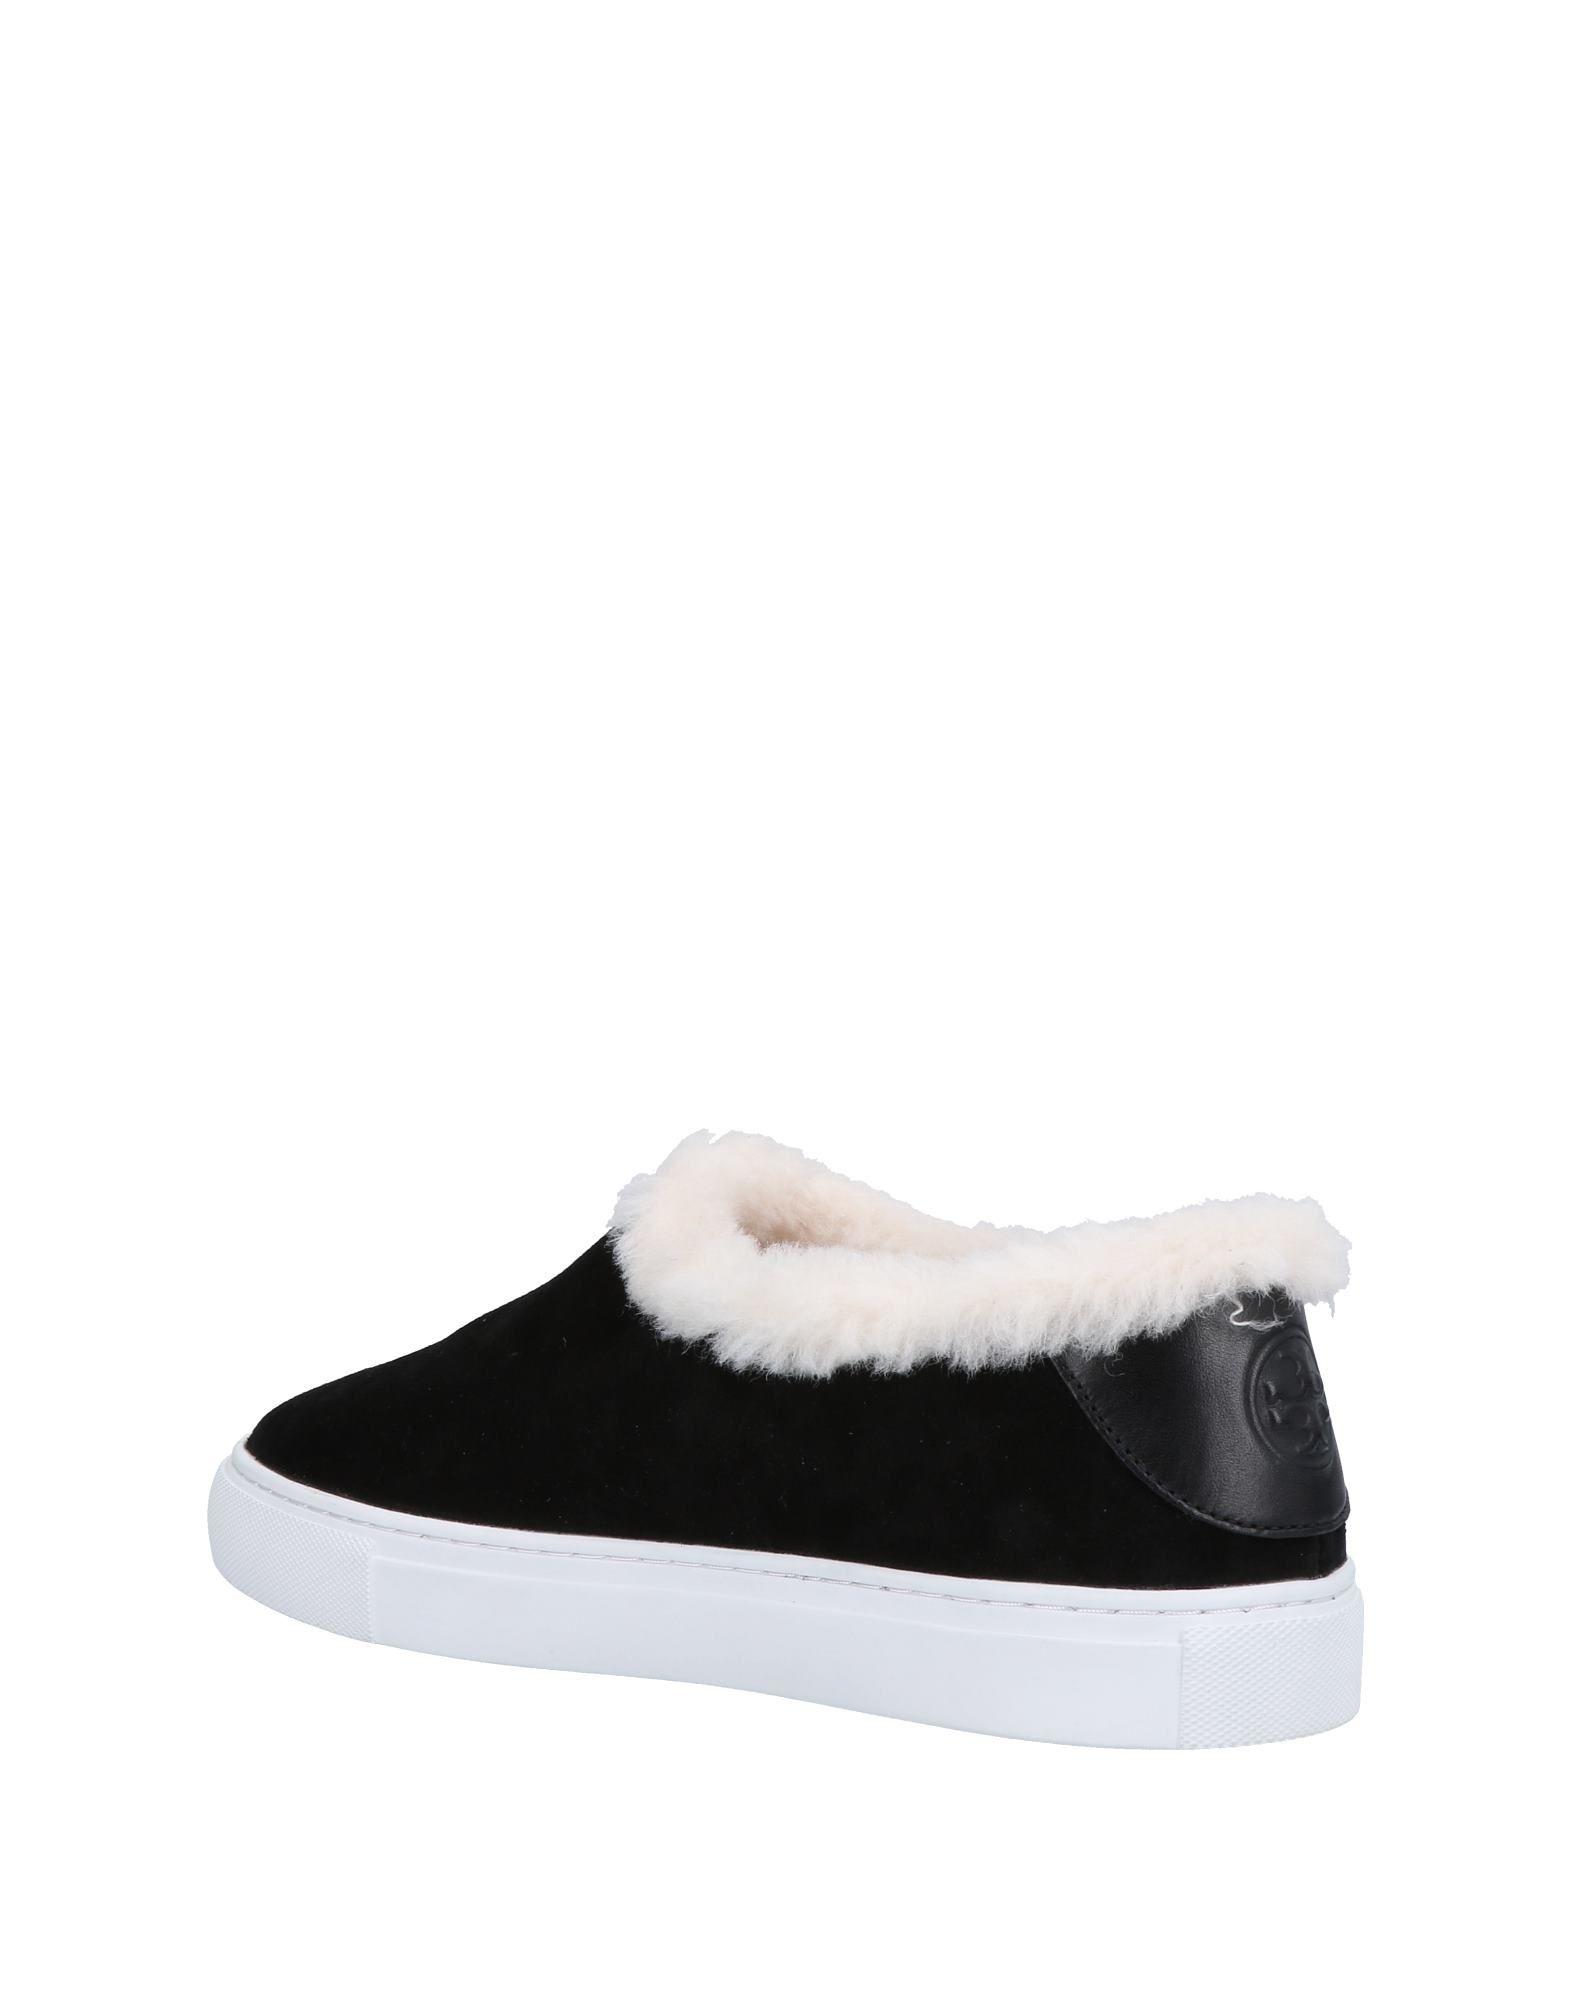 Tory Burch es Sneakers Damen Gutes Preis-Leistungs-Verhältnis, es Burch lohnt sich f5598a